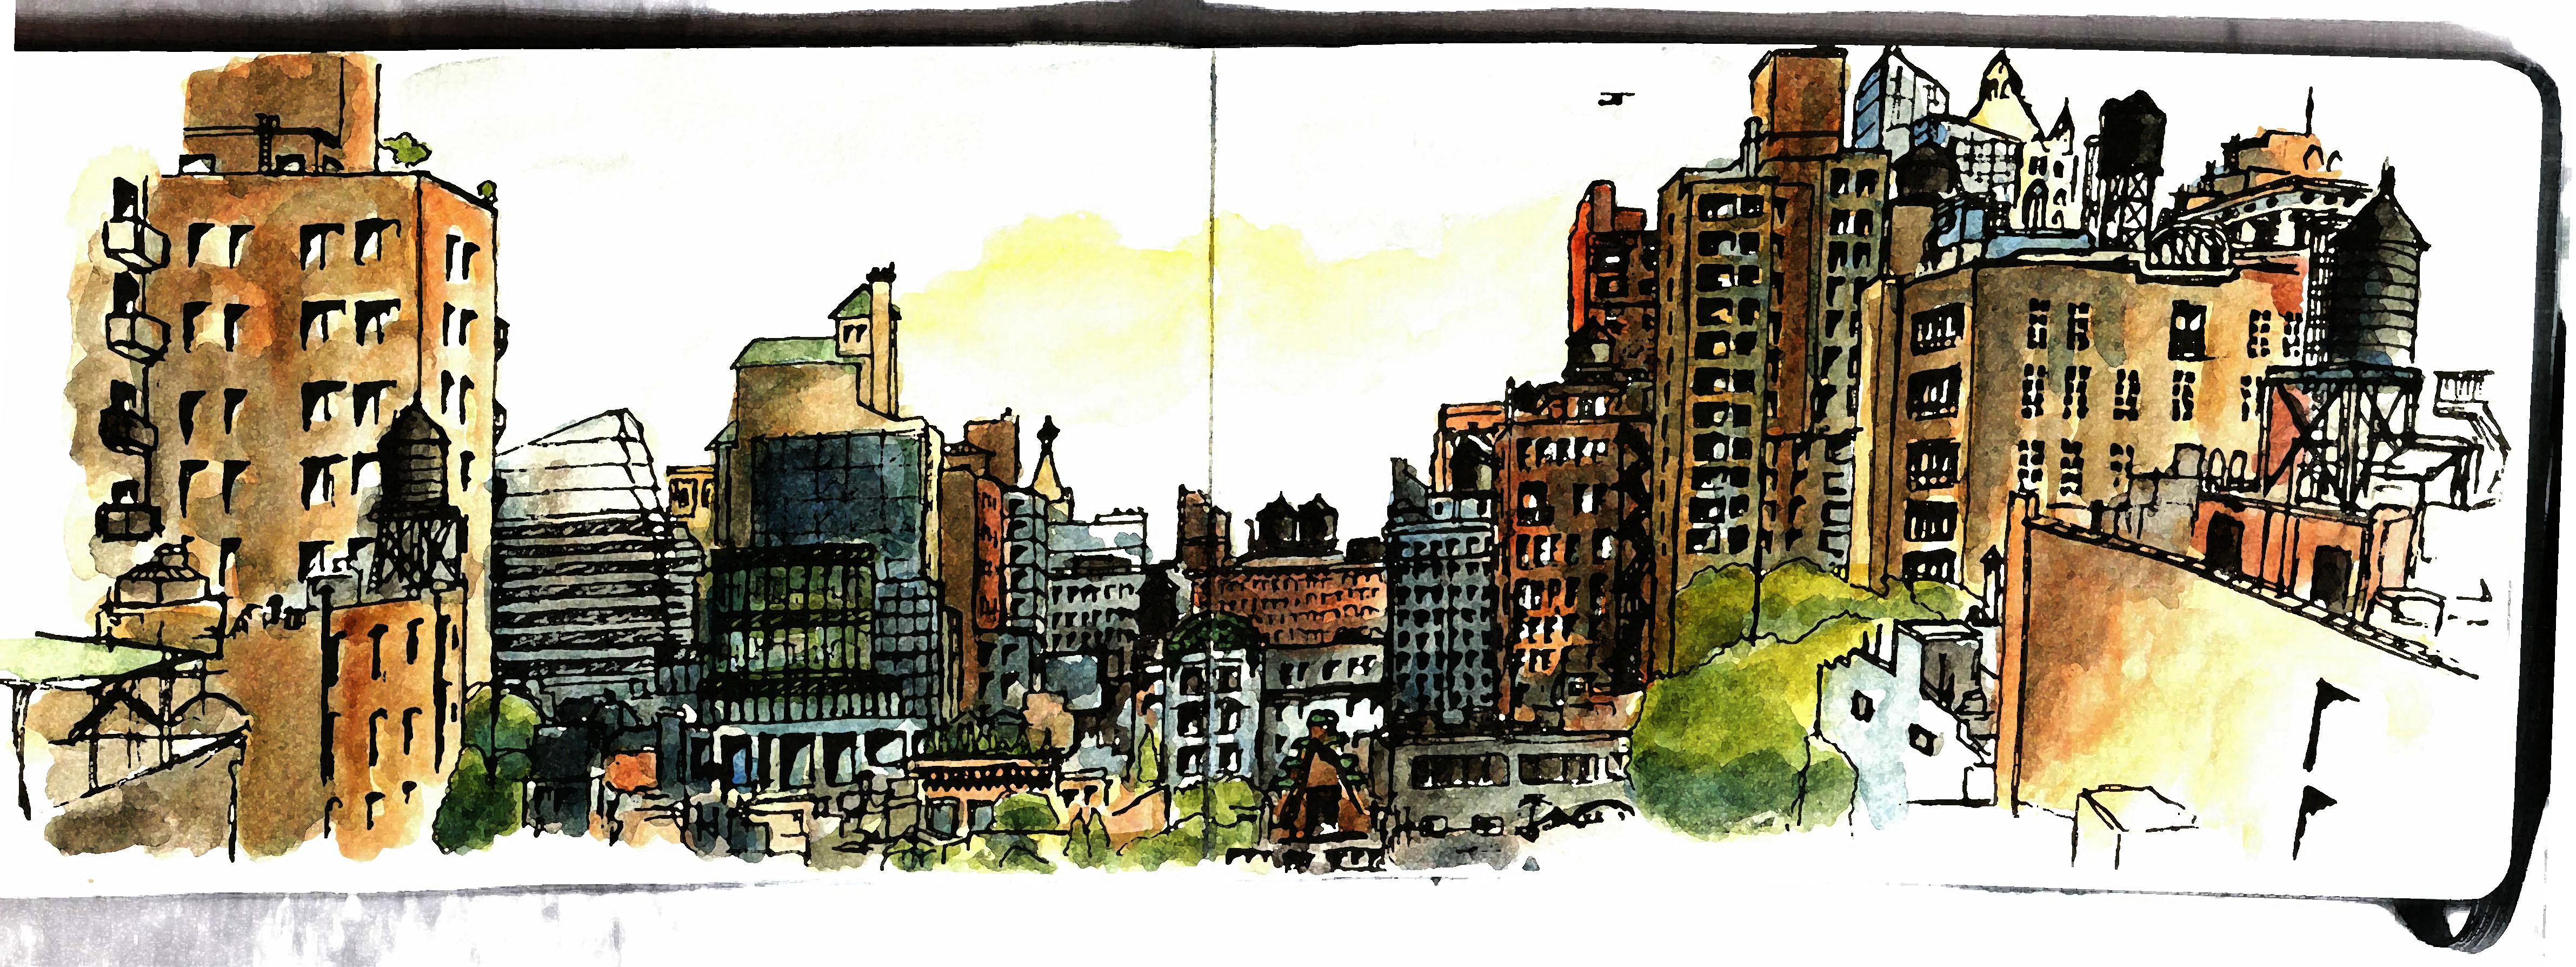 Lexington and Park Avenue